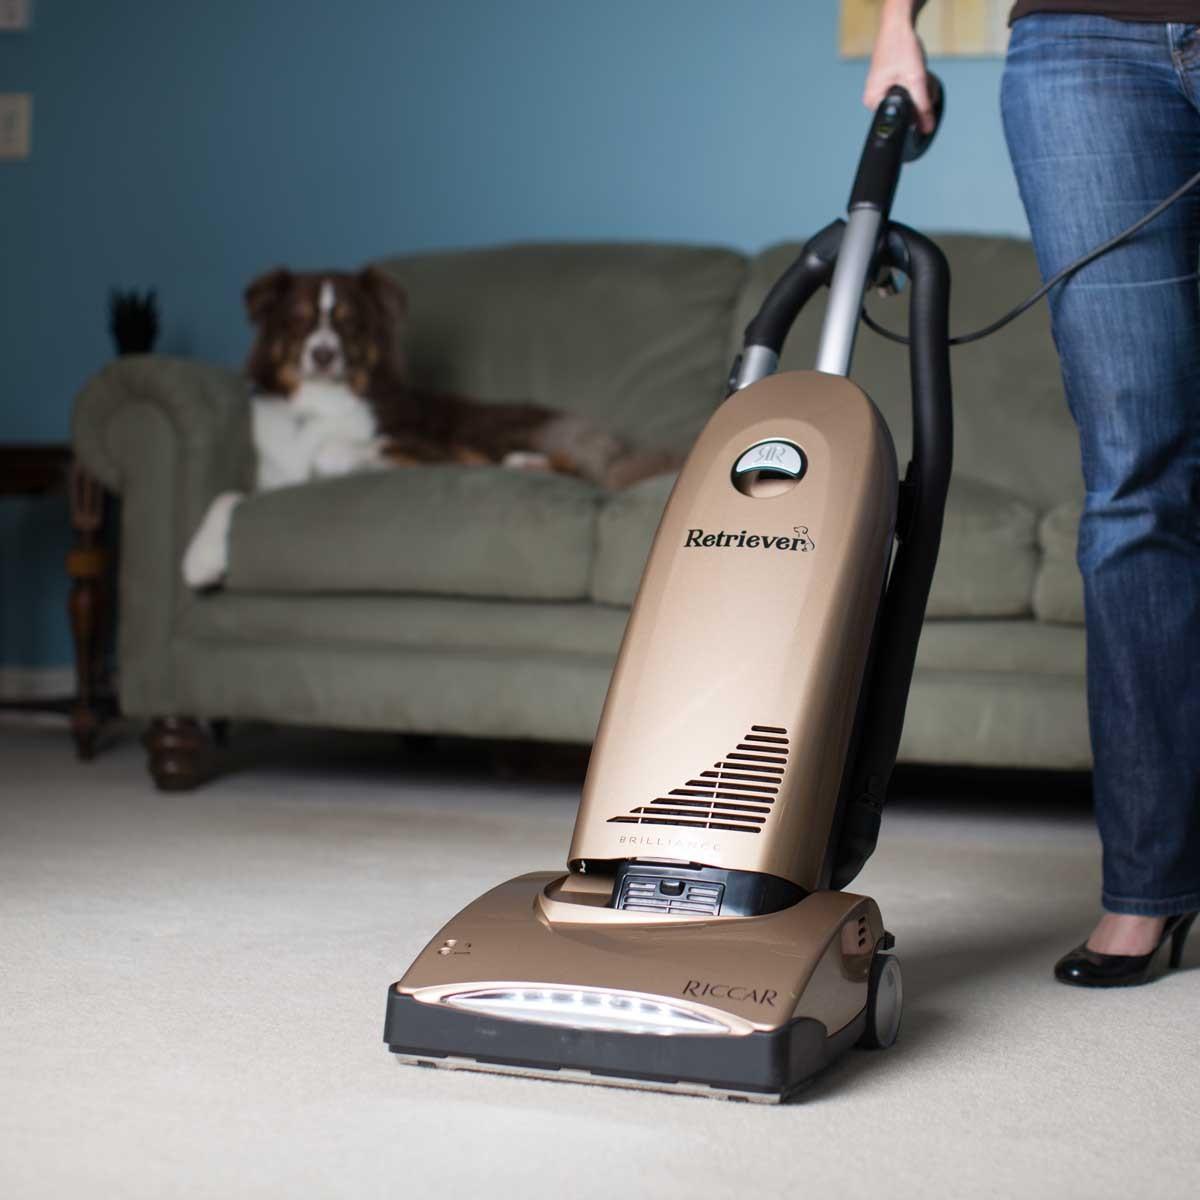 Riccar Vacuum Cleaner's